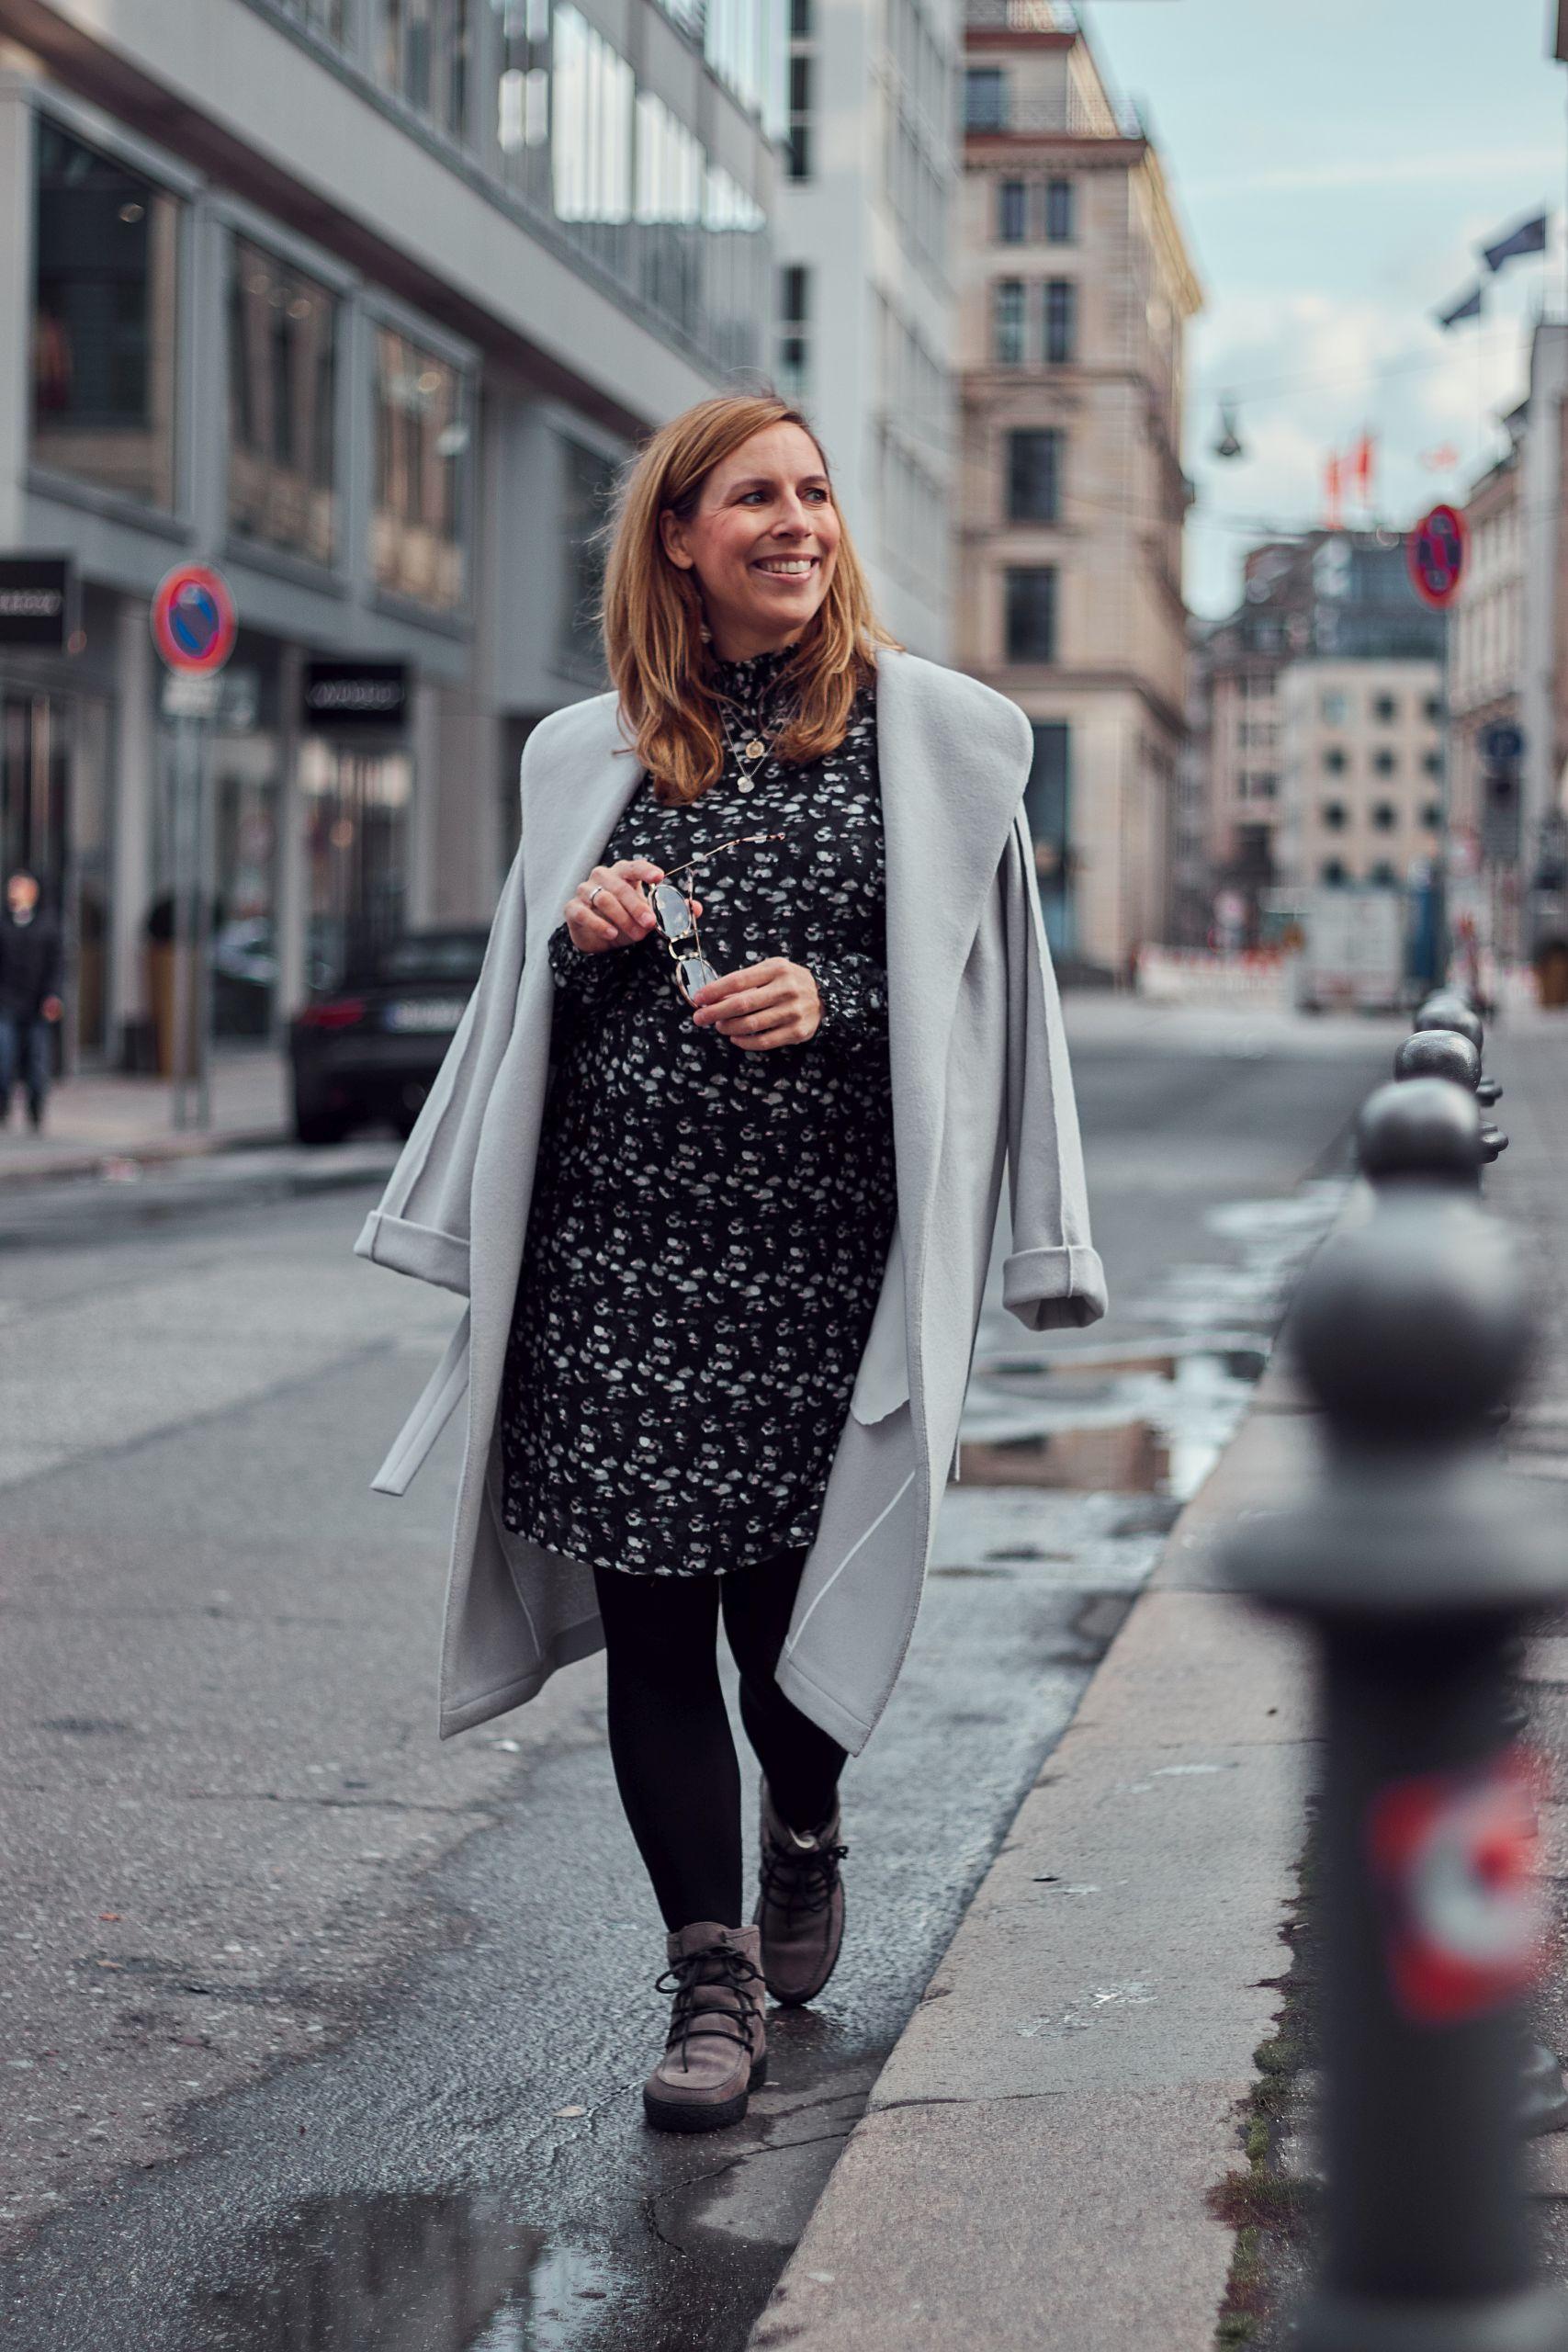 Sienna Kleid und Schnürboots von Impressionen zu Mantel von Spectrum Fashion